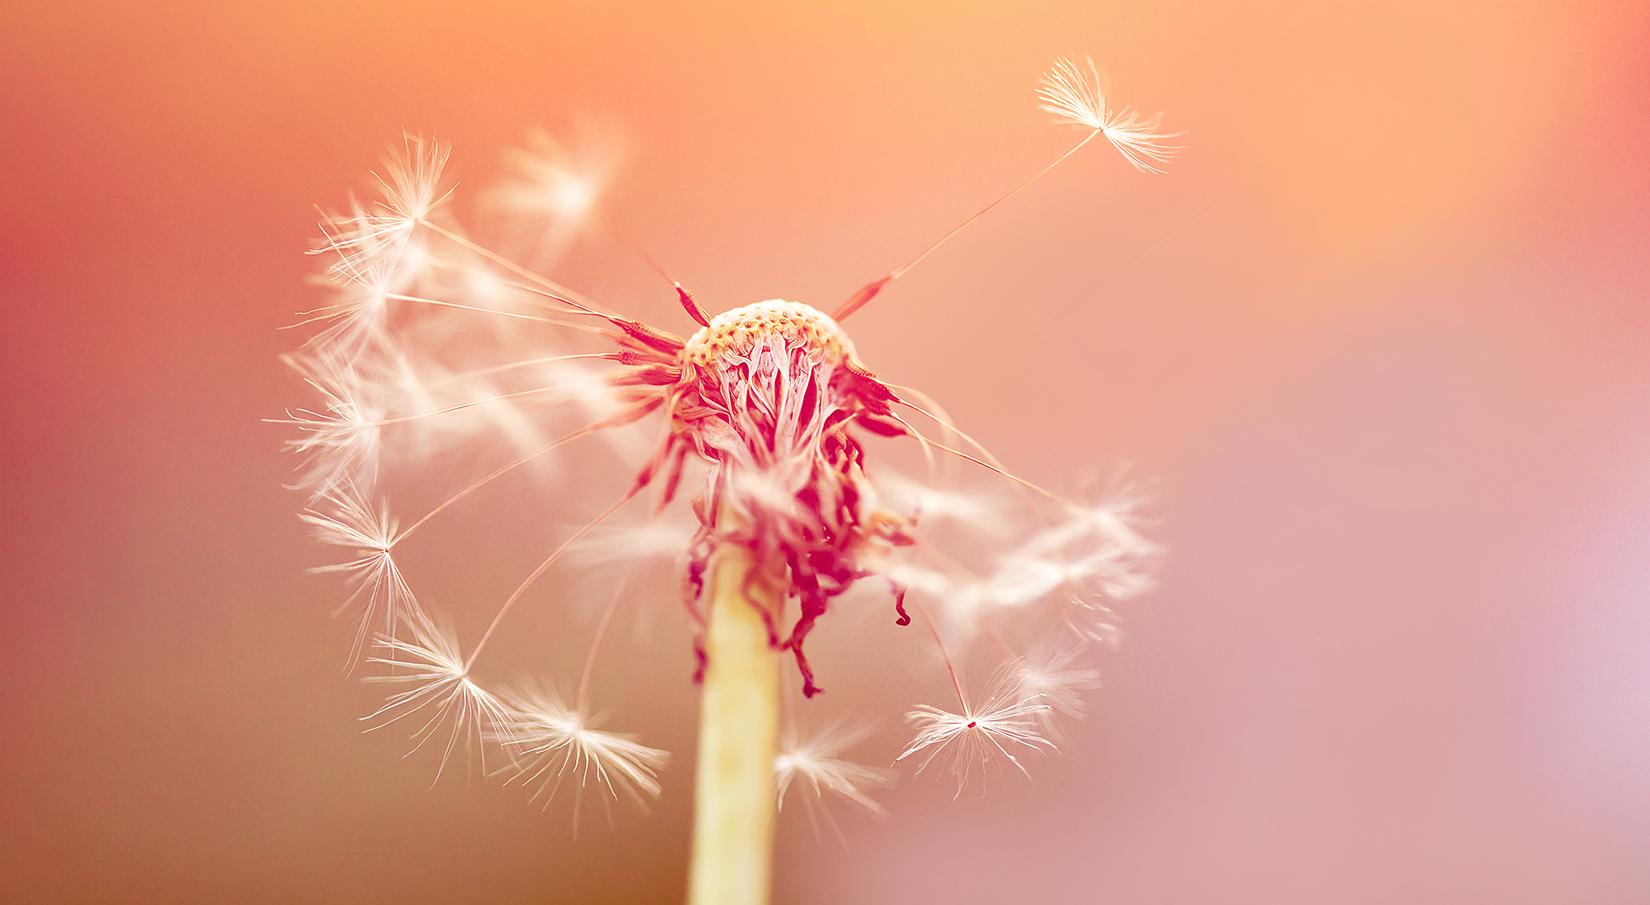 Pollenallergie: wie sie entsteht und was wirklich hilft